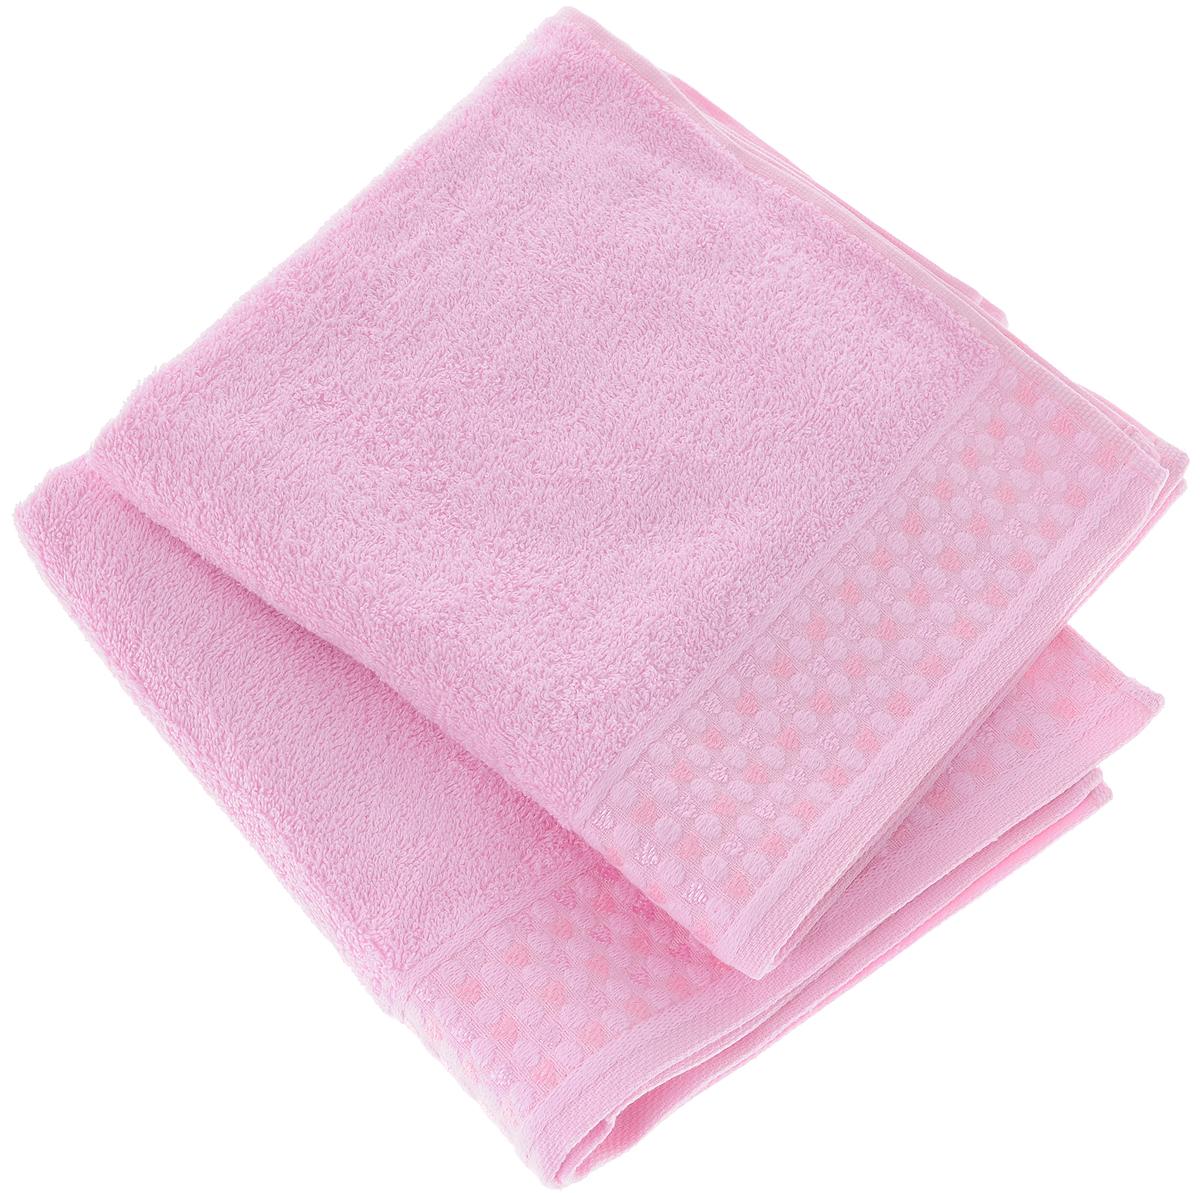 Набор полотенец Tete-a-Tete Сердечки, цвет: розовый, 2 шт. УНП-104-04к531-105Набор Tete-a-Tete Сердечки состоит из двух махровых полотенец, выполненных из натурального 100% хлопка. Бордюр полотенец декорирован рисунком сердечек. Изделия мягкие, отлично впитывают влагу, быстро сохнут, сохраняют яркость цвета и не теряют форму даже после многократных стирок. Полотенца Tete-a-Tete Сердечки очень практичны и неприхотливы в уходе. Они легко впишутся в любой интерьер благодаря своей нежной цветовой гамме. Набор упакован в красивую коробку и может послужить отличной идеей подарка.Размеры полотенец: 70 х 140 см, 50 х 90 см.